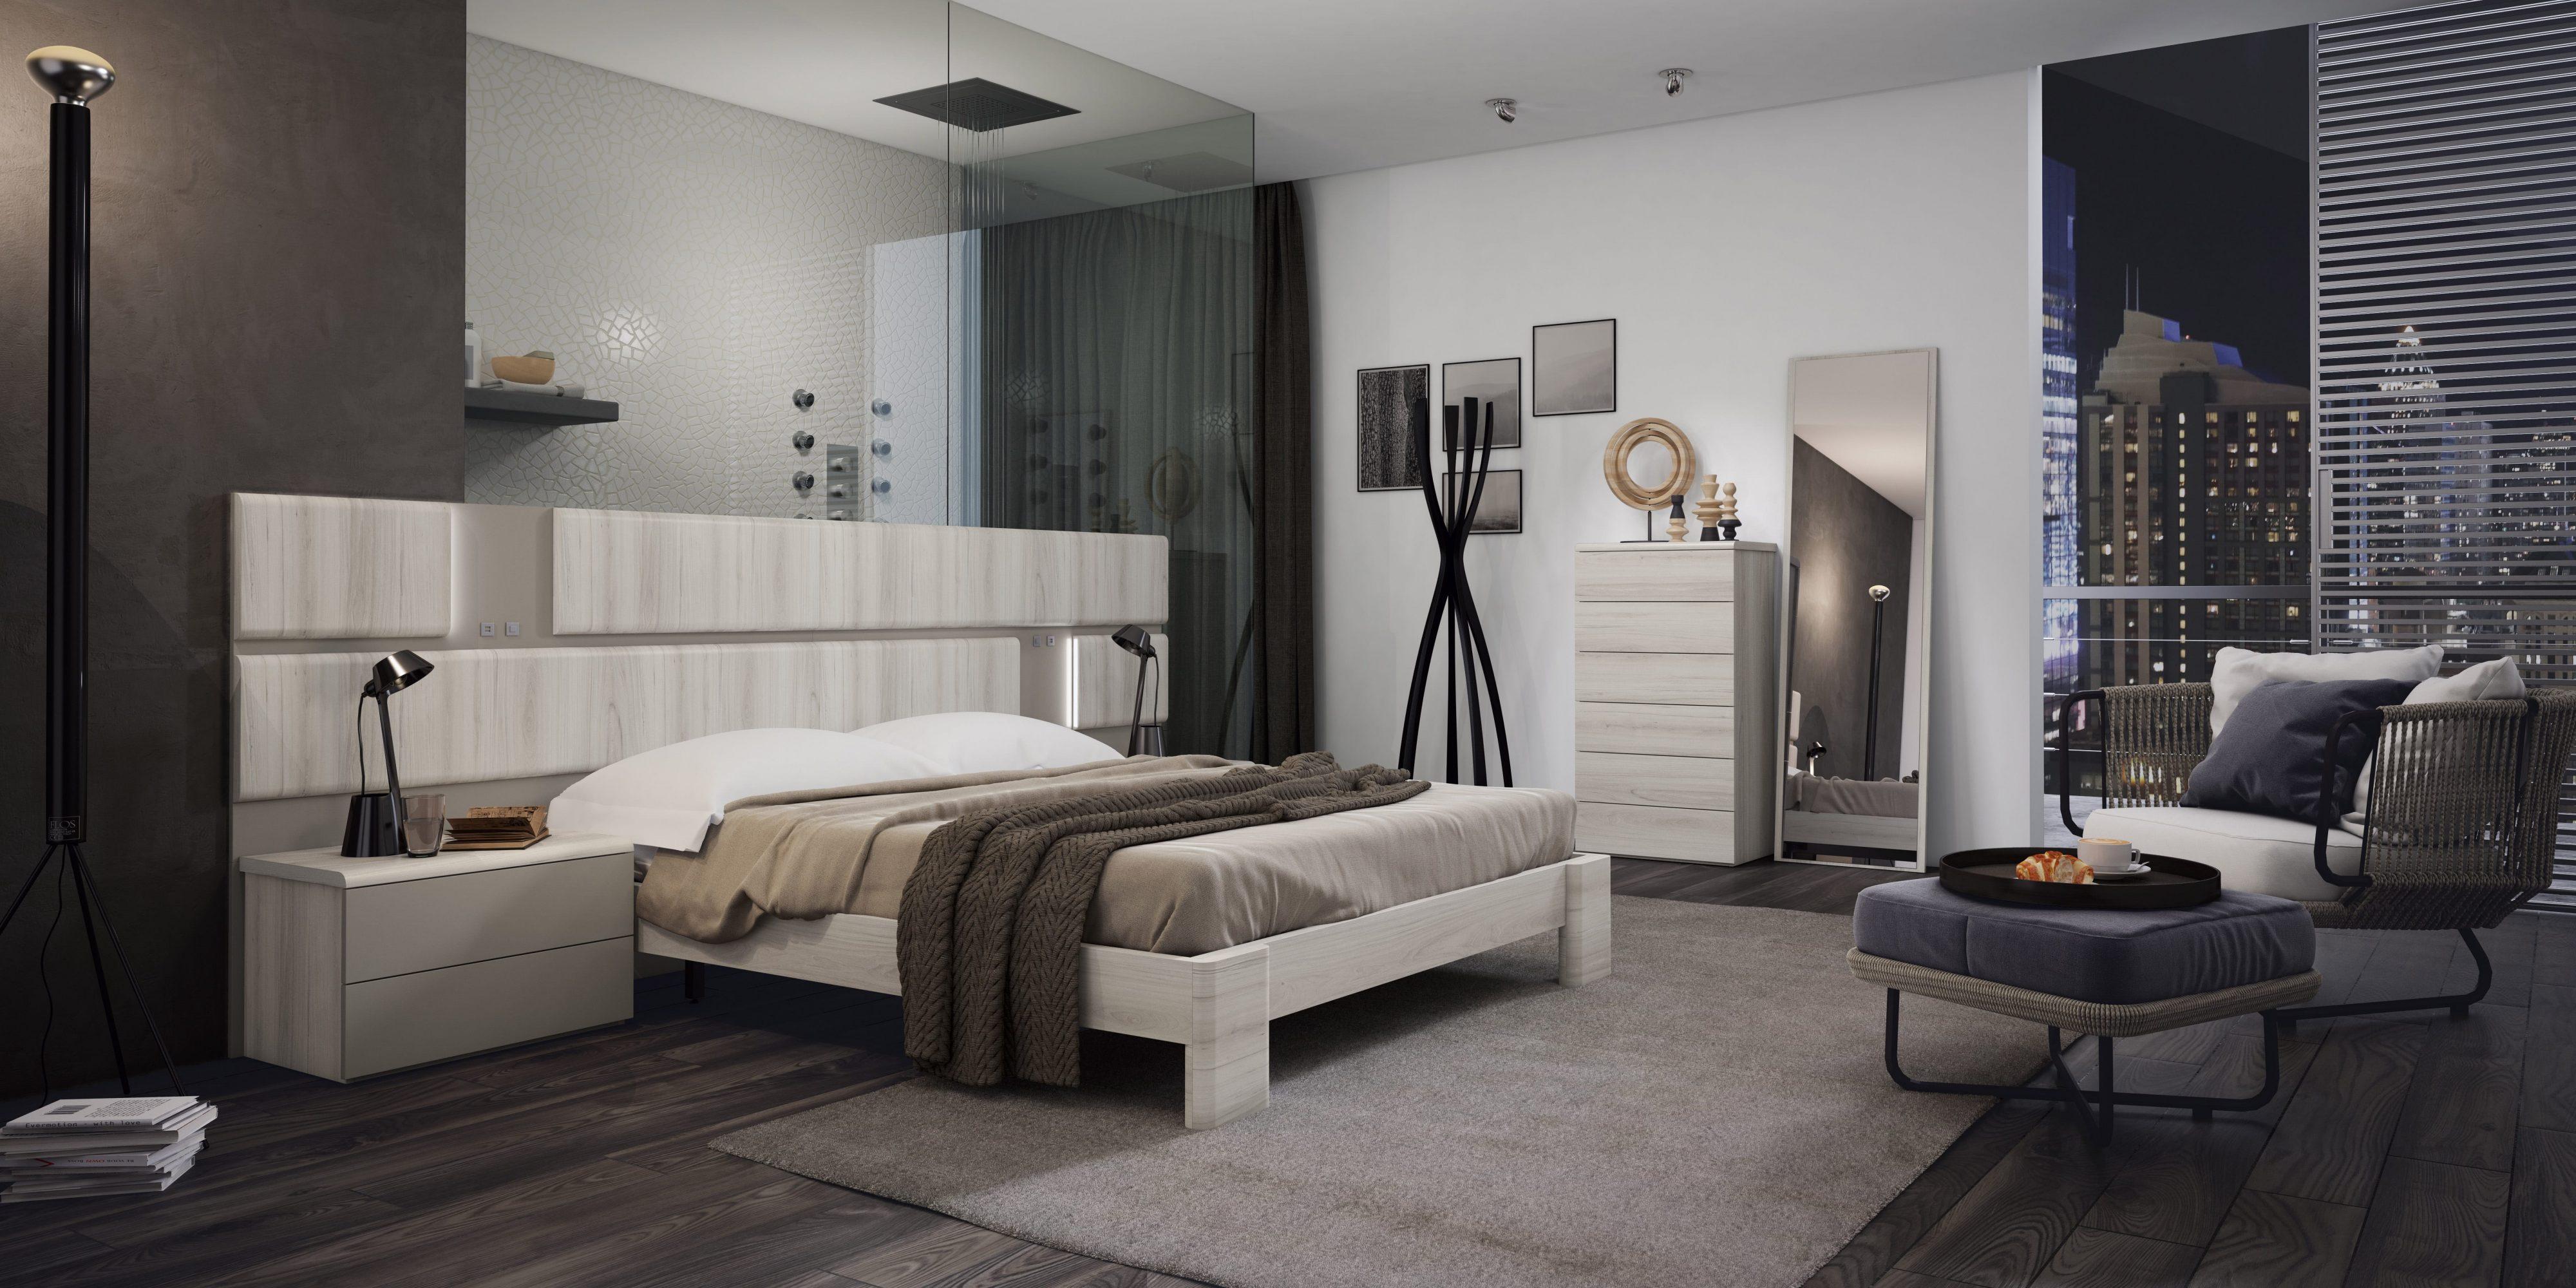 Dormitorio matrimonio con diferentes variantes, ambientes serenos y relajados con combinación de colores suaves.